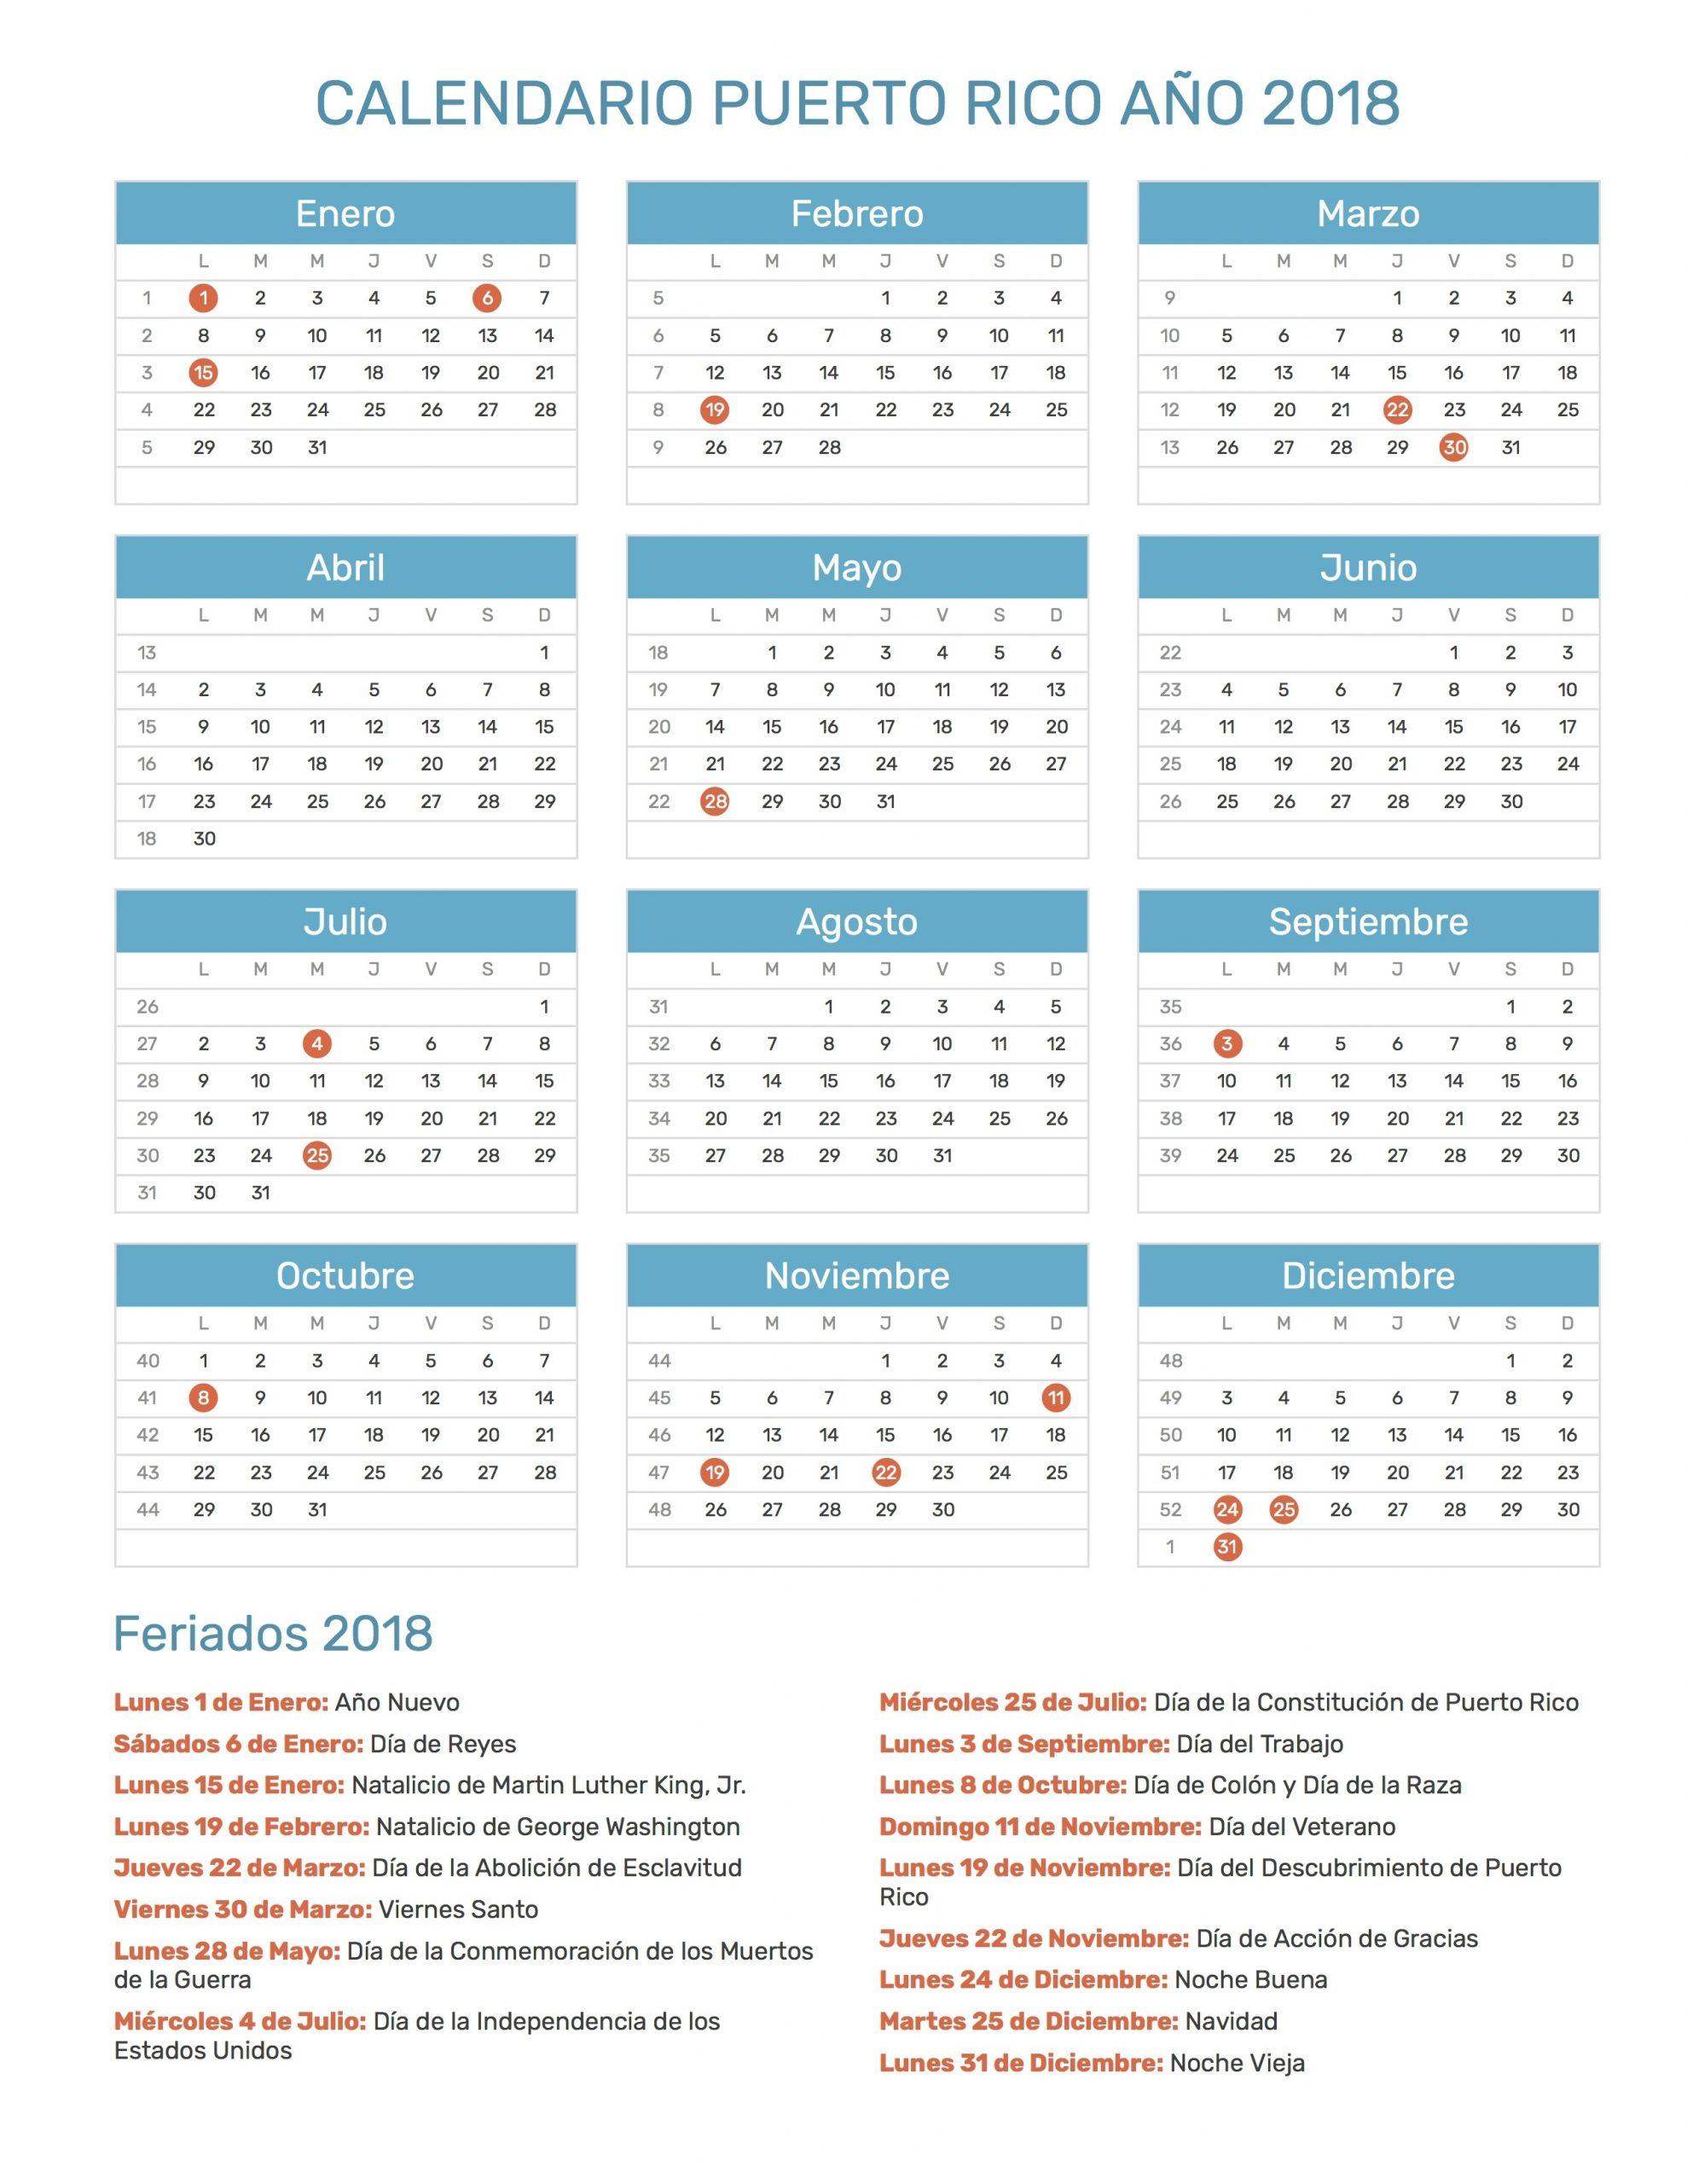 Calendario De Puerto Rico Año 2018 | Feriados